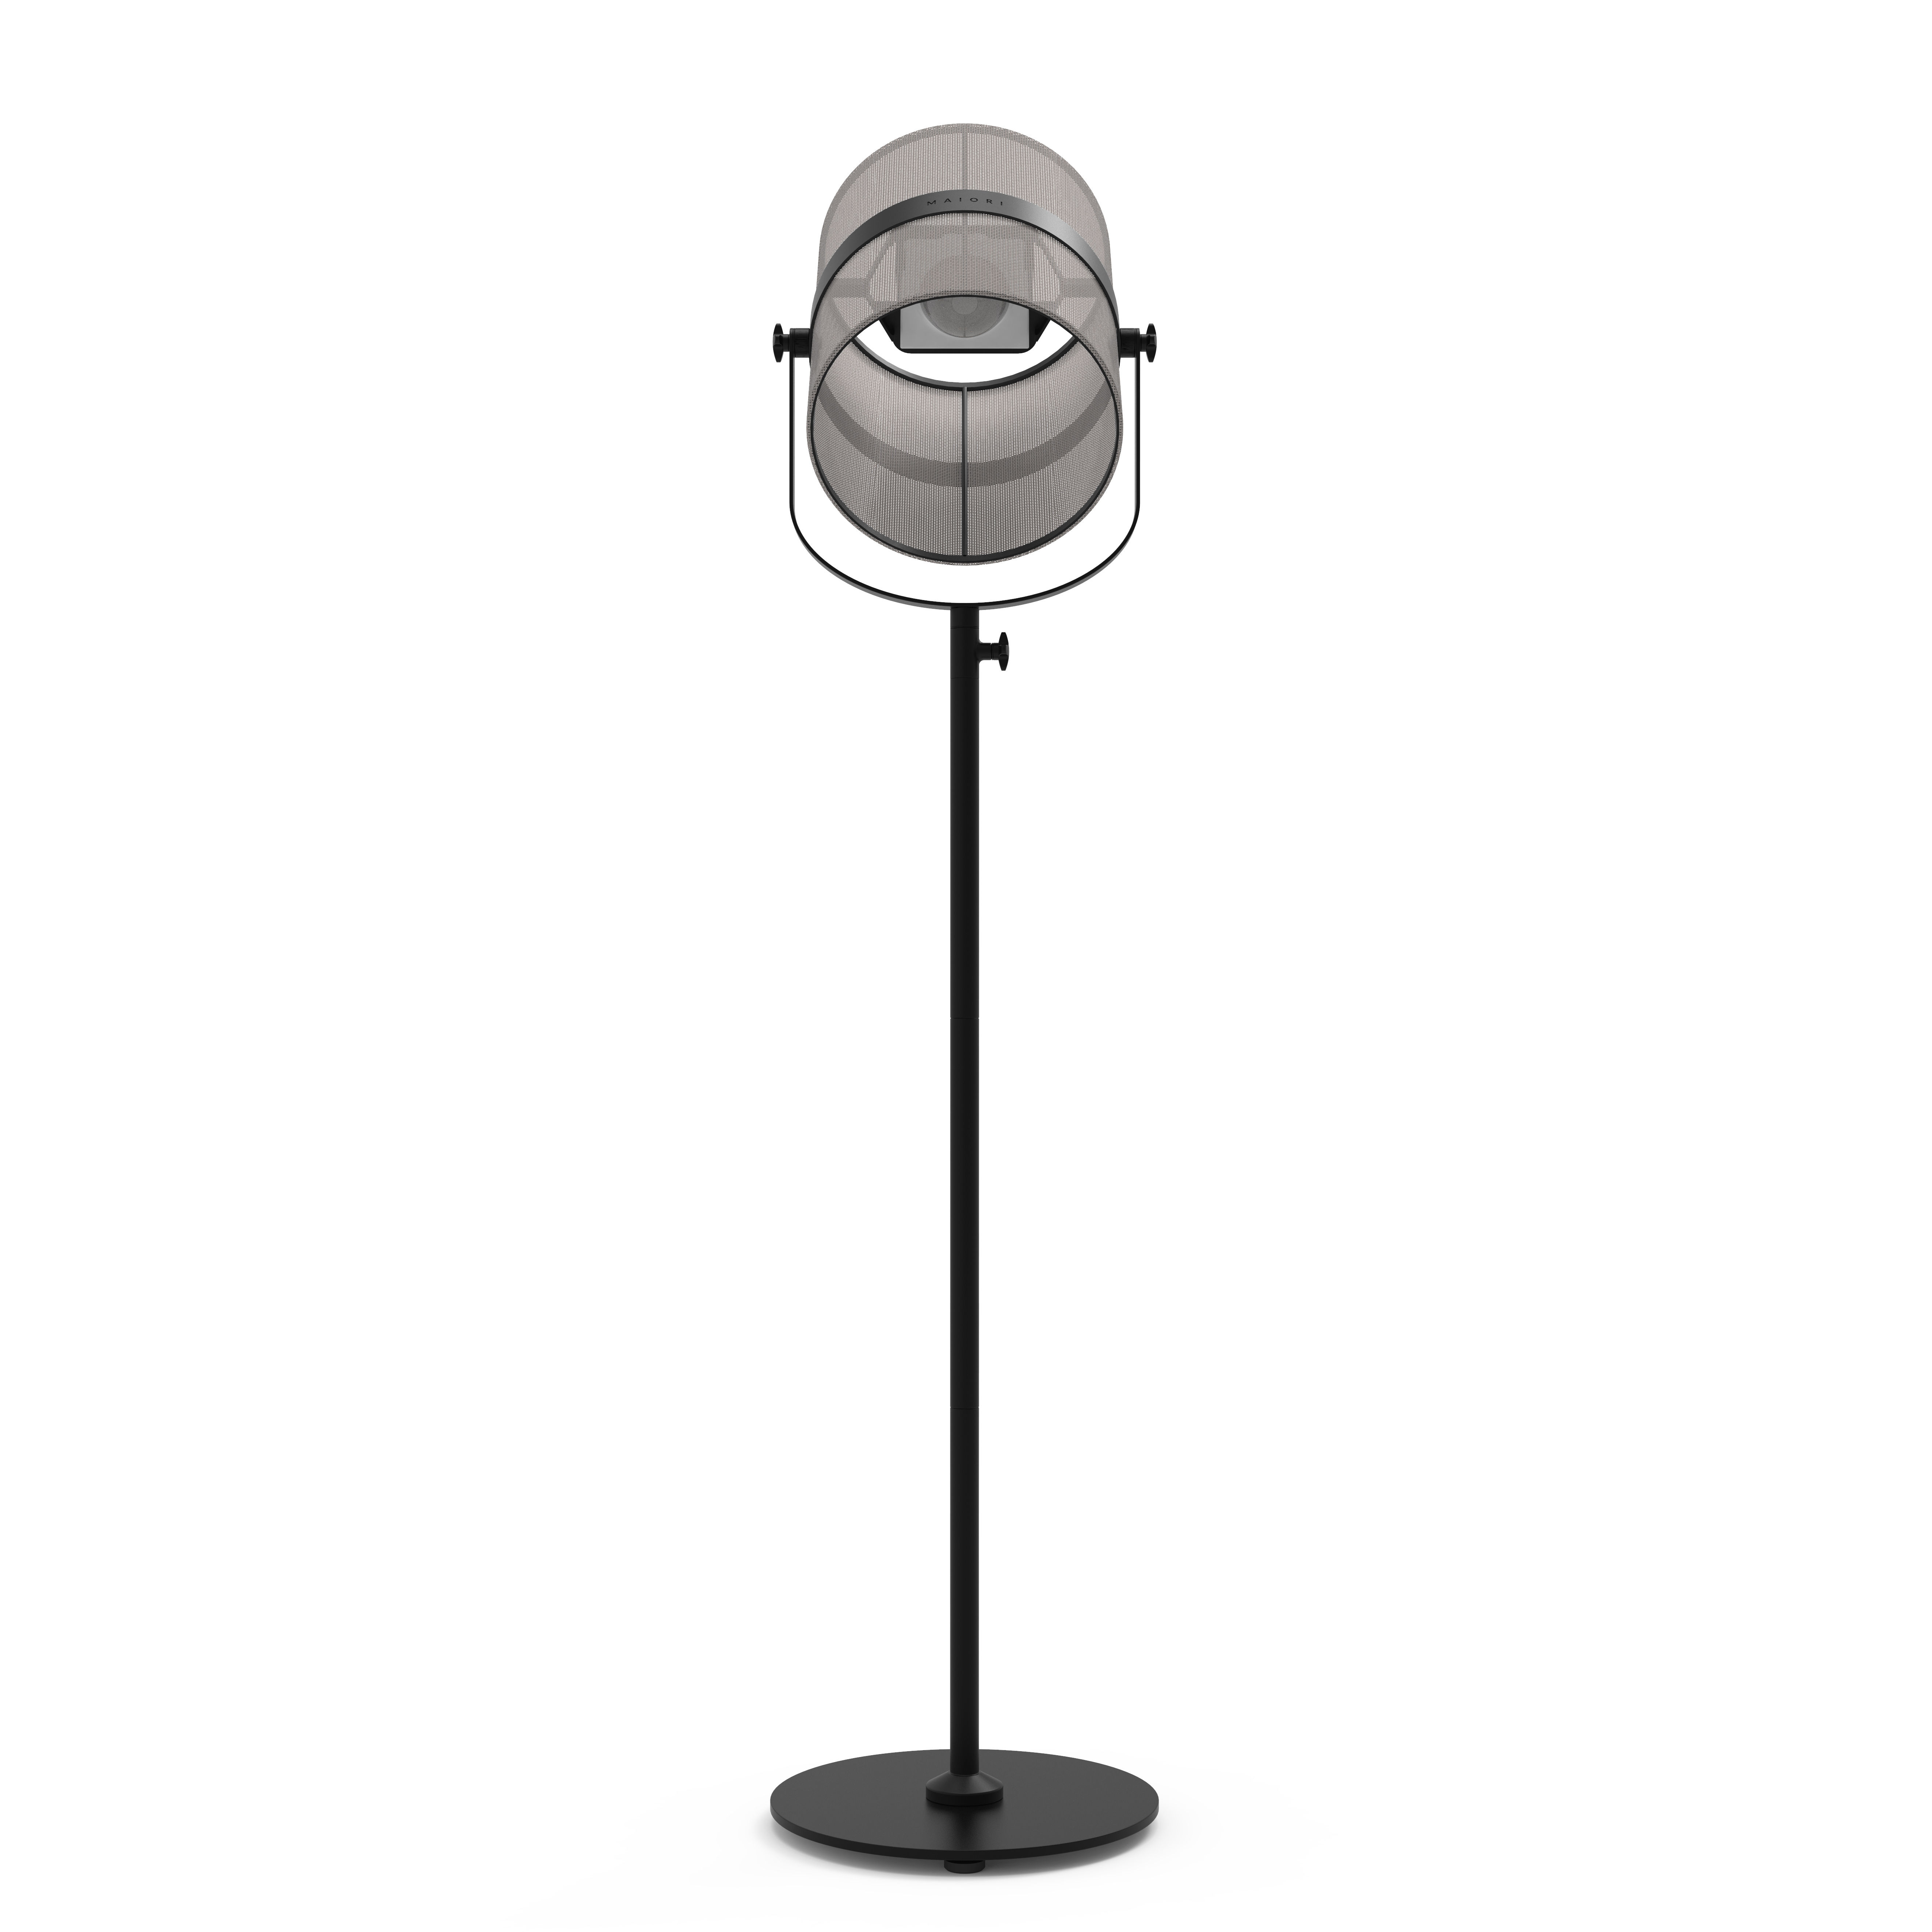 Leuchten - Stehleuchten - La Lampe Paris LED Solarleuchte / kabellos - Maiori - Helles Taupe / Ständer schwarz - bemaltes Aluminium, Gewebe